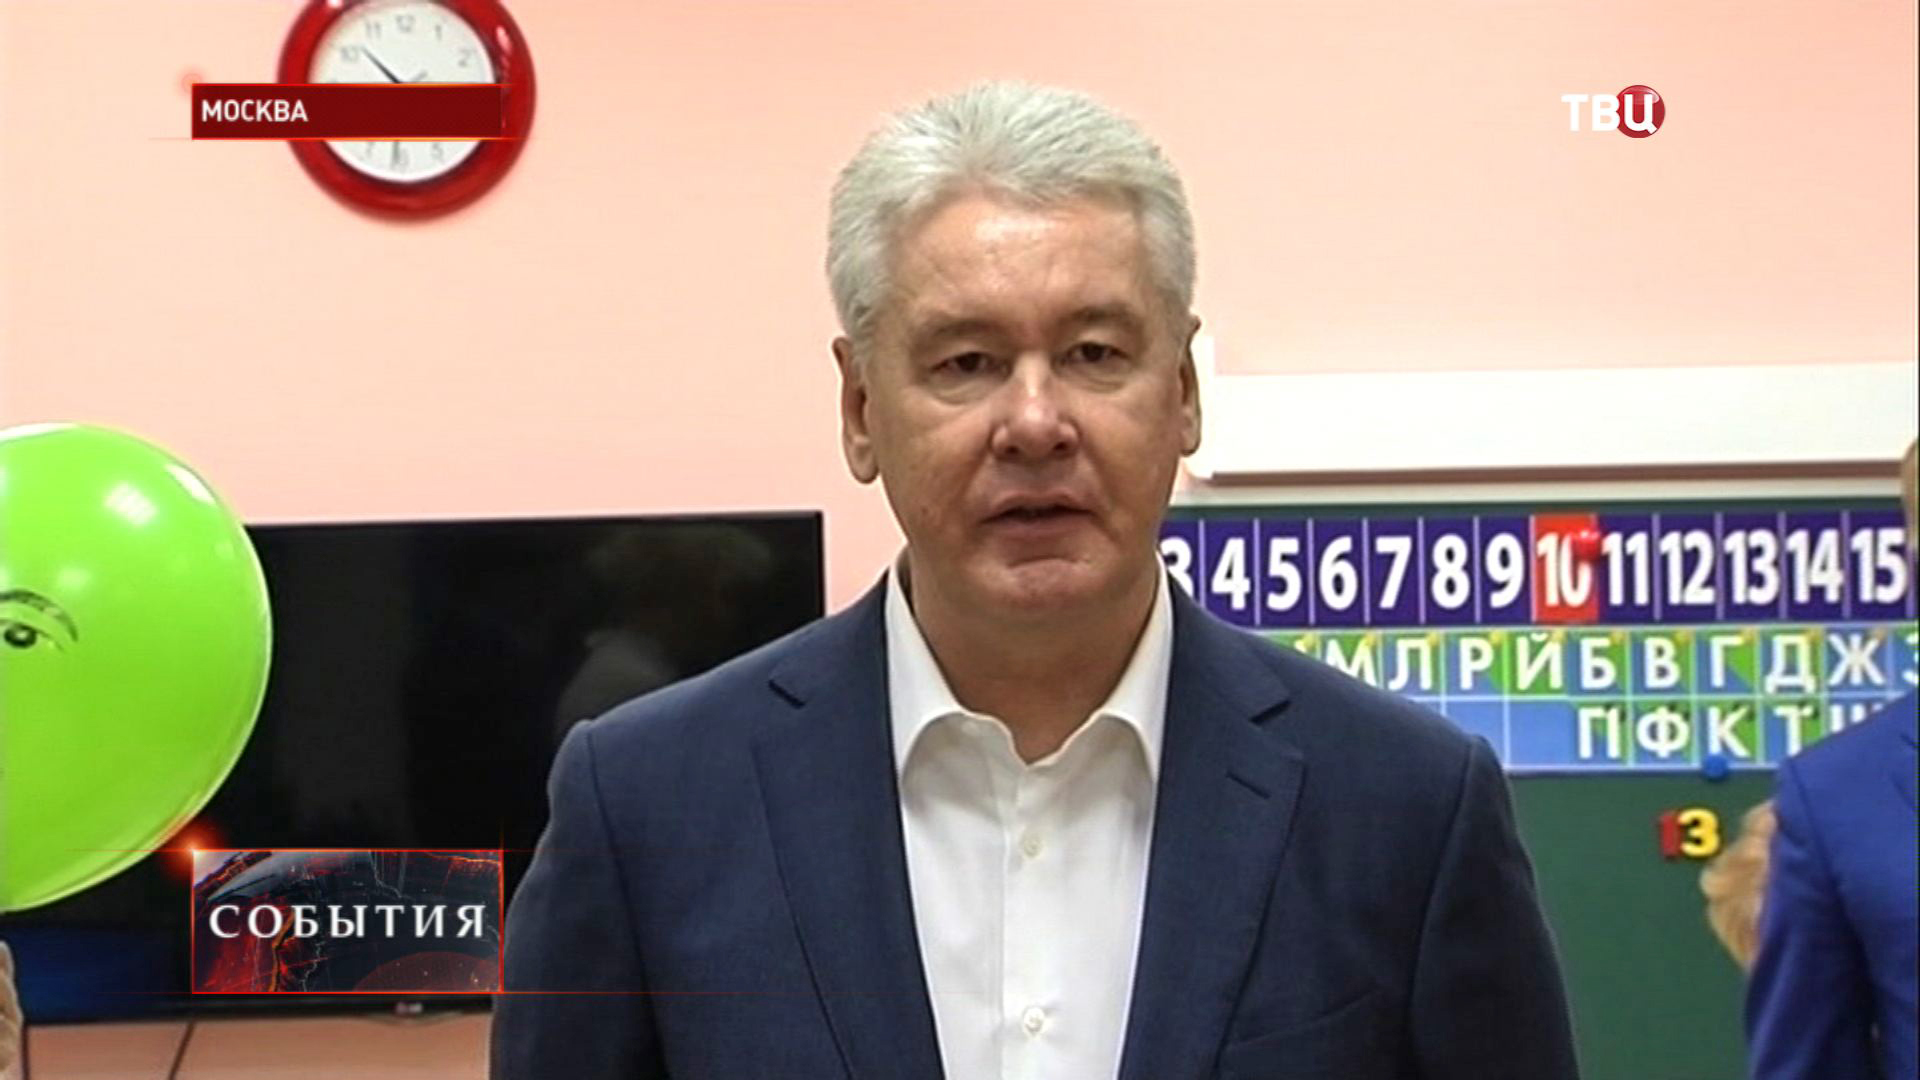 Сергей Собянин в детском садике в Даниловском районе